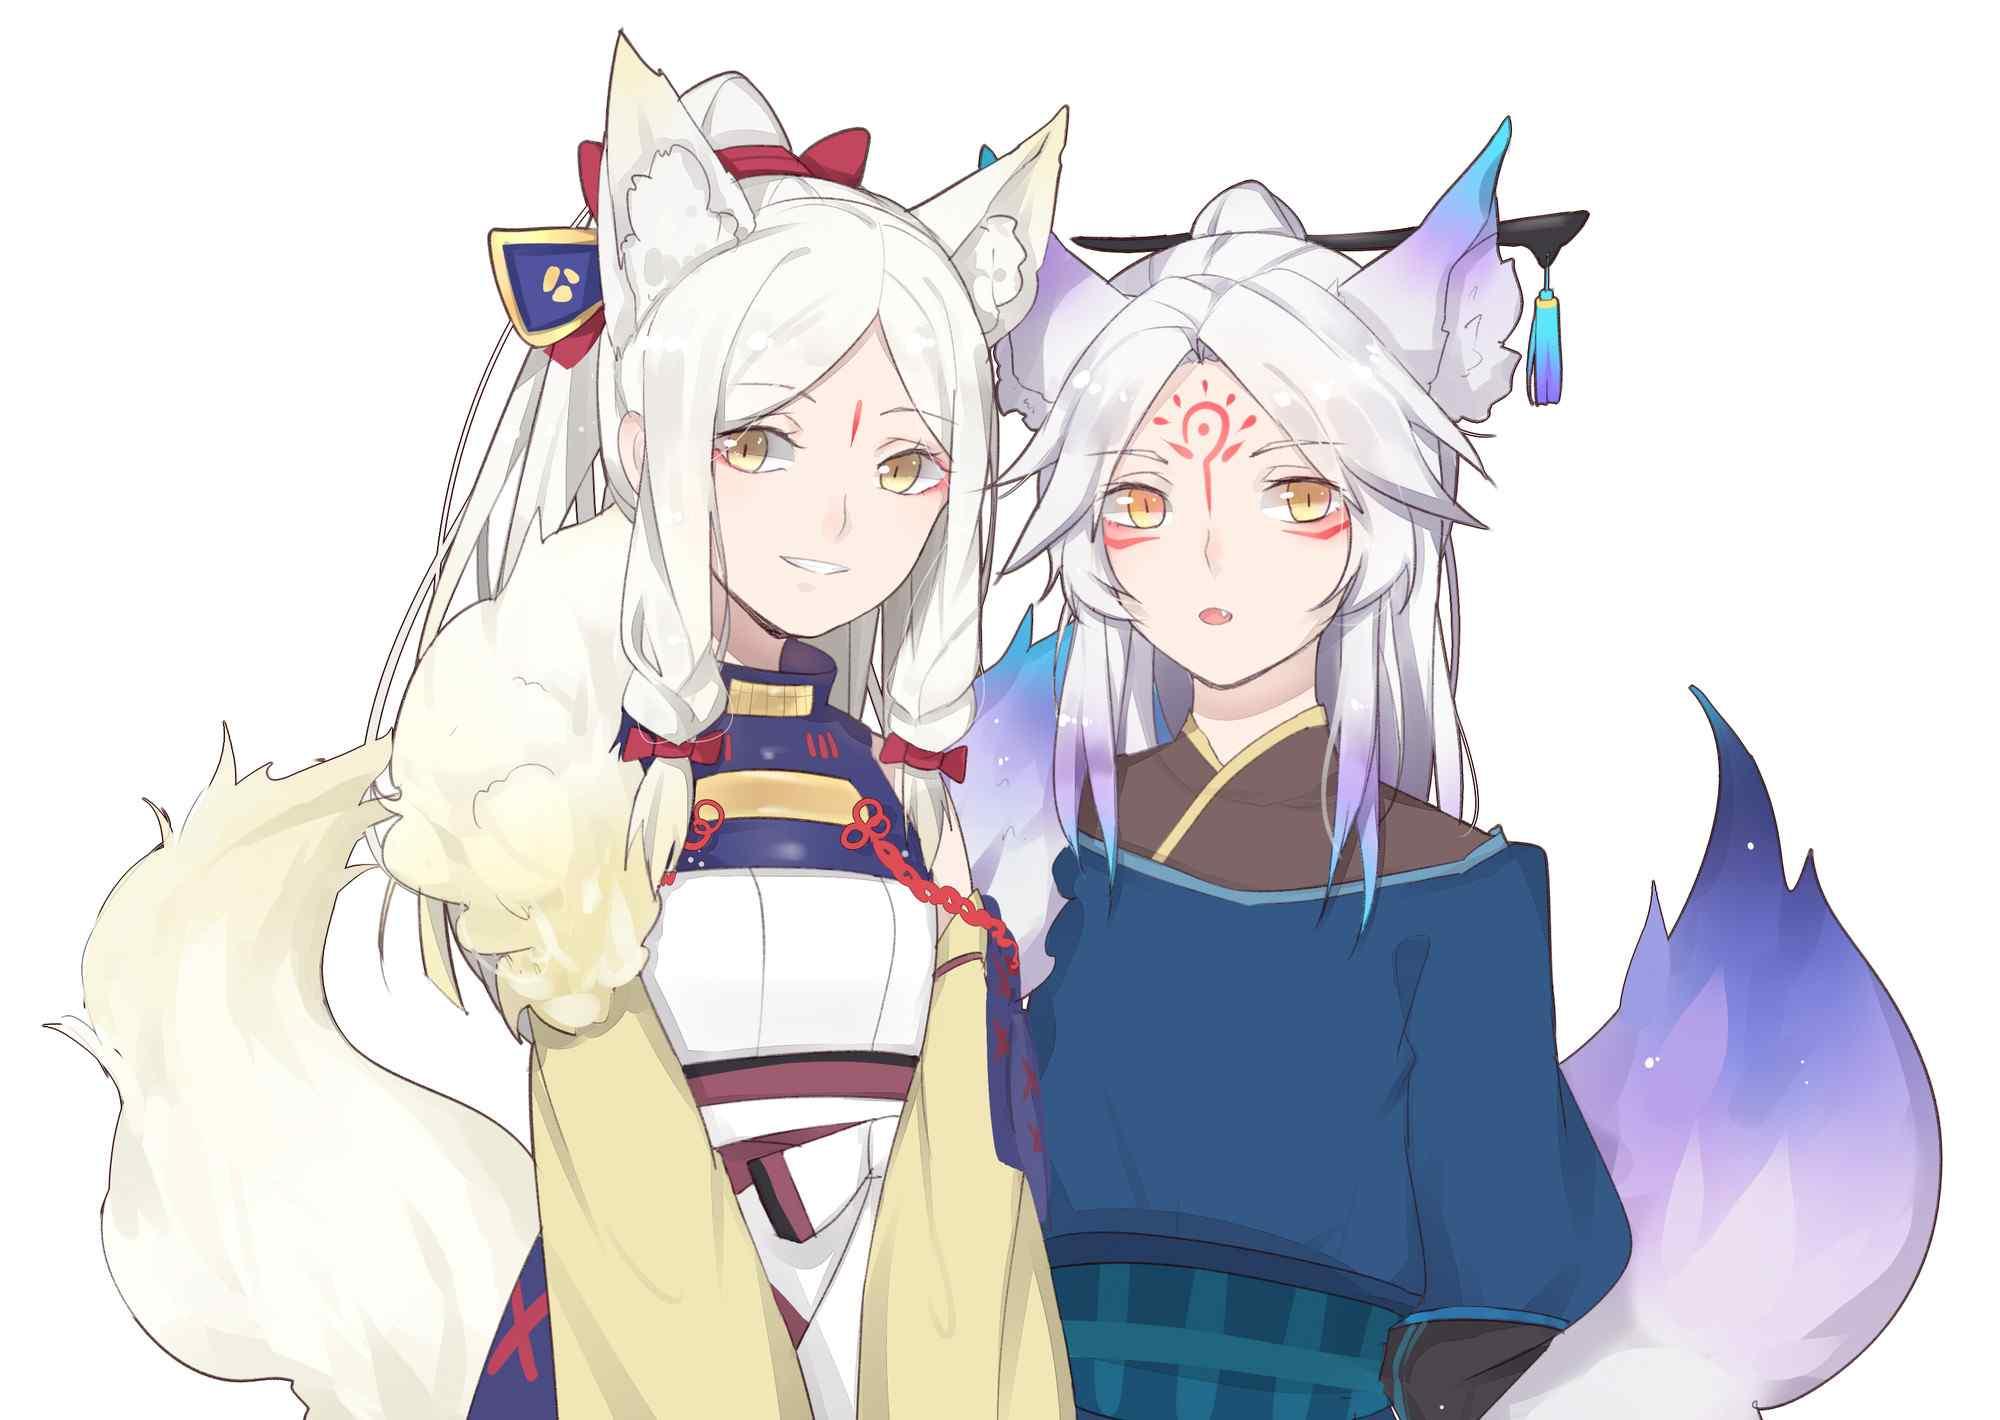 阴阳师游戏壁纸之美美哒白狼与妖狐